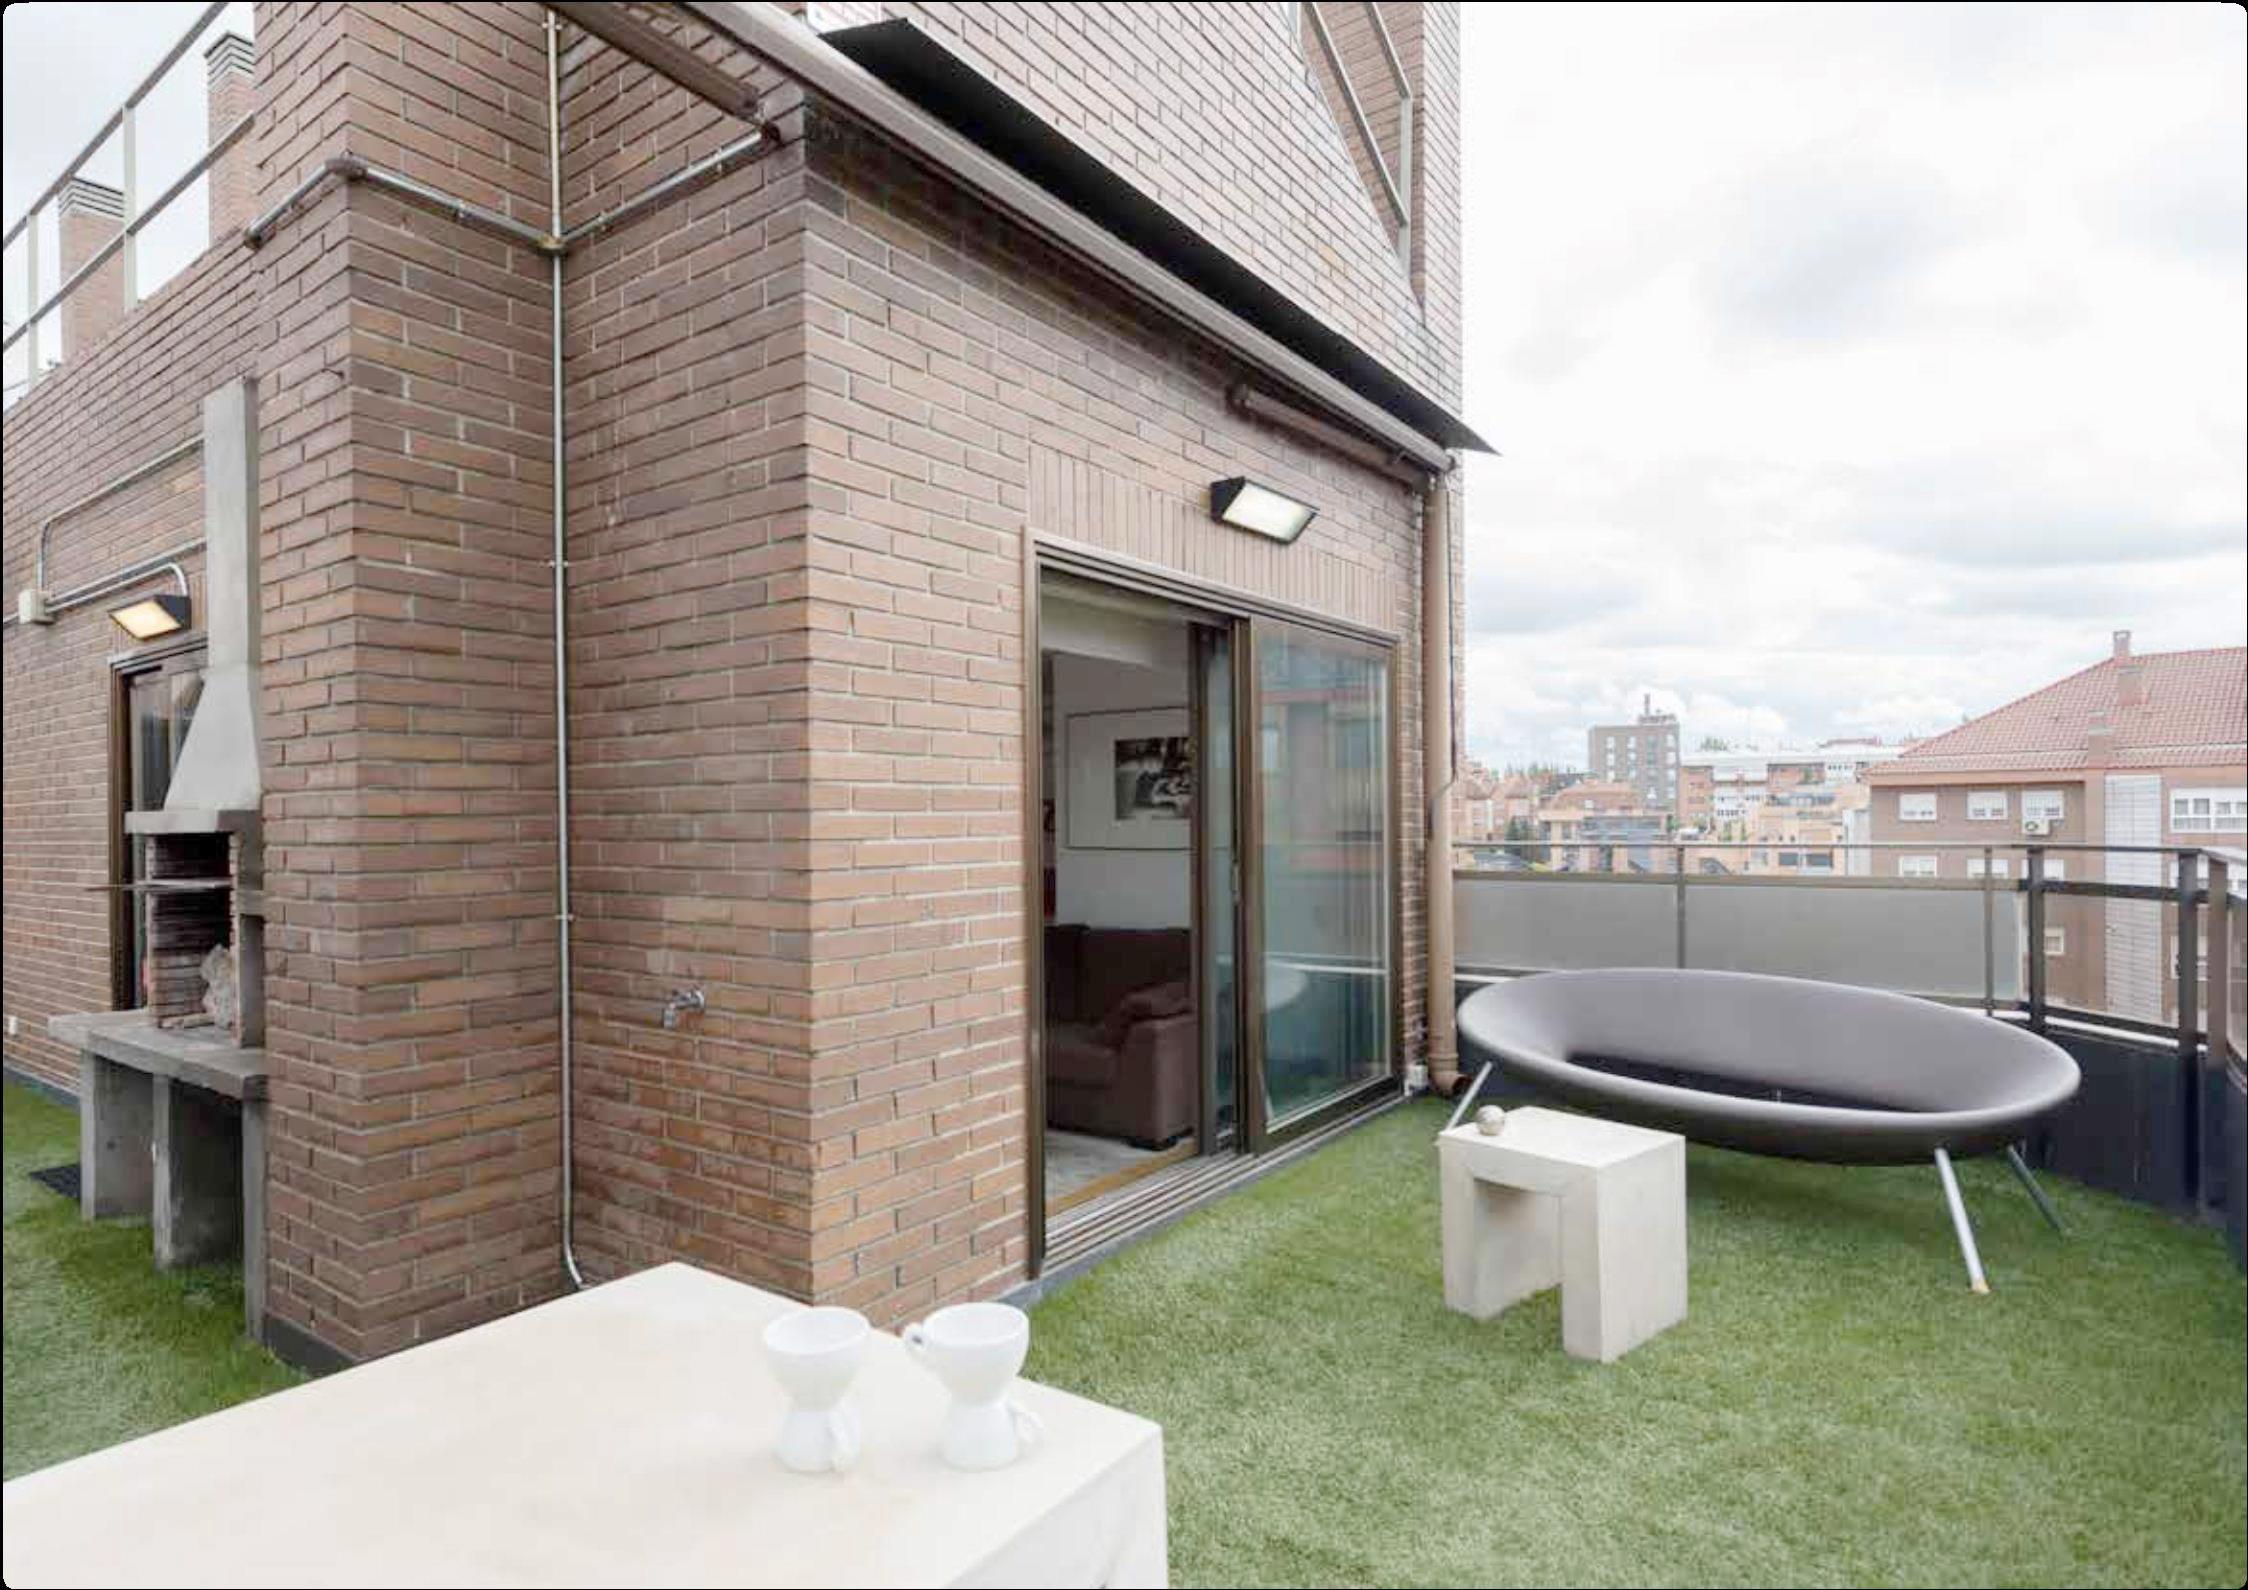 Alquiler ático Dúplex Con Terraza Y Zonas Comunes Casas